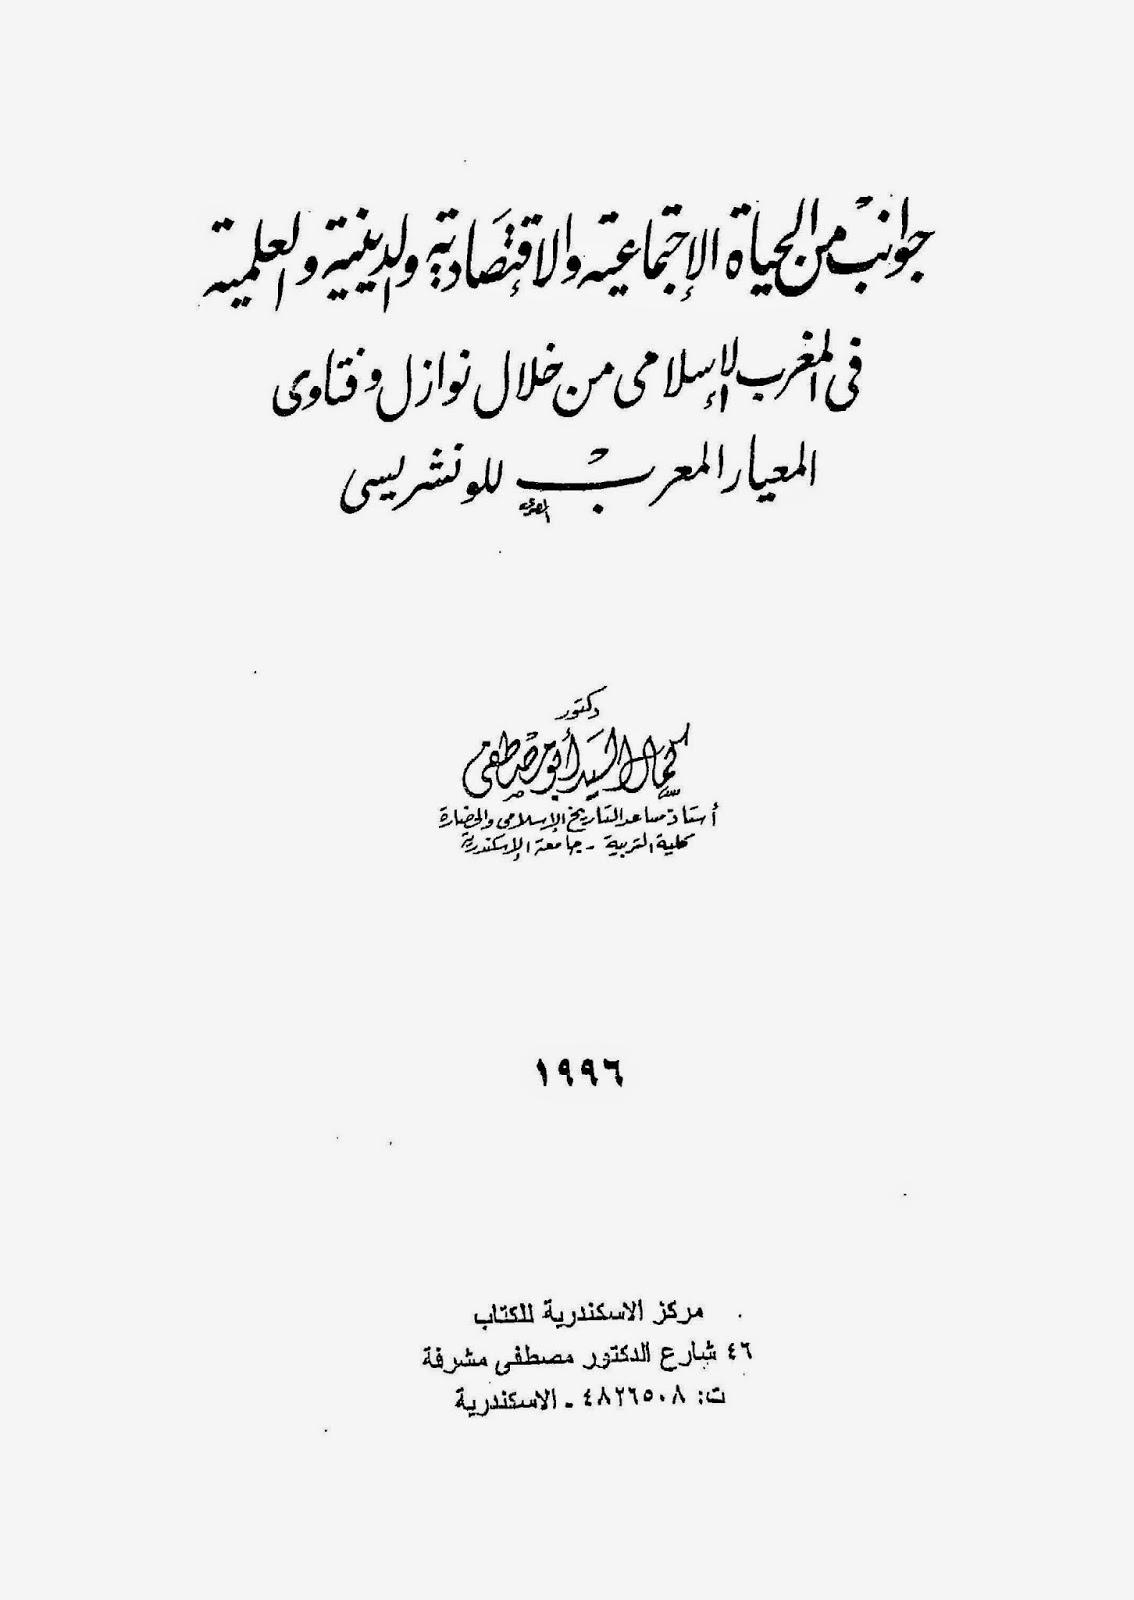 جوانب من الحياة الاجتماعية والاقتصادية والدينية والعلمية في المغرب الإسلامي من خلال المعيار المعرب للونشريسي لـ كمال السيد أبو مصطفى